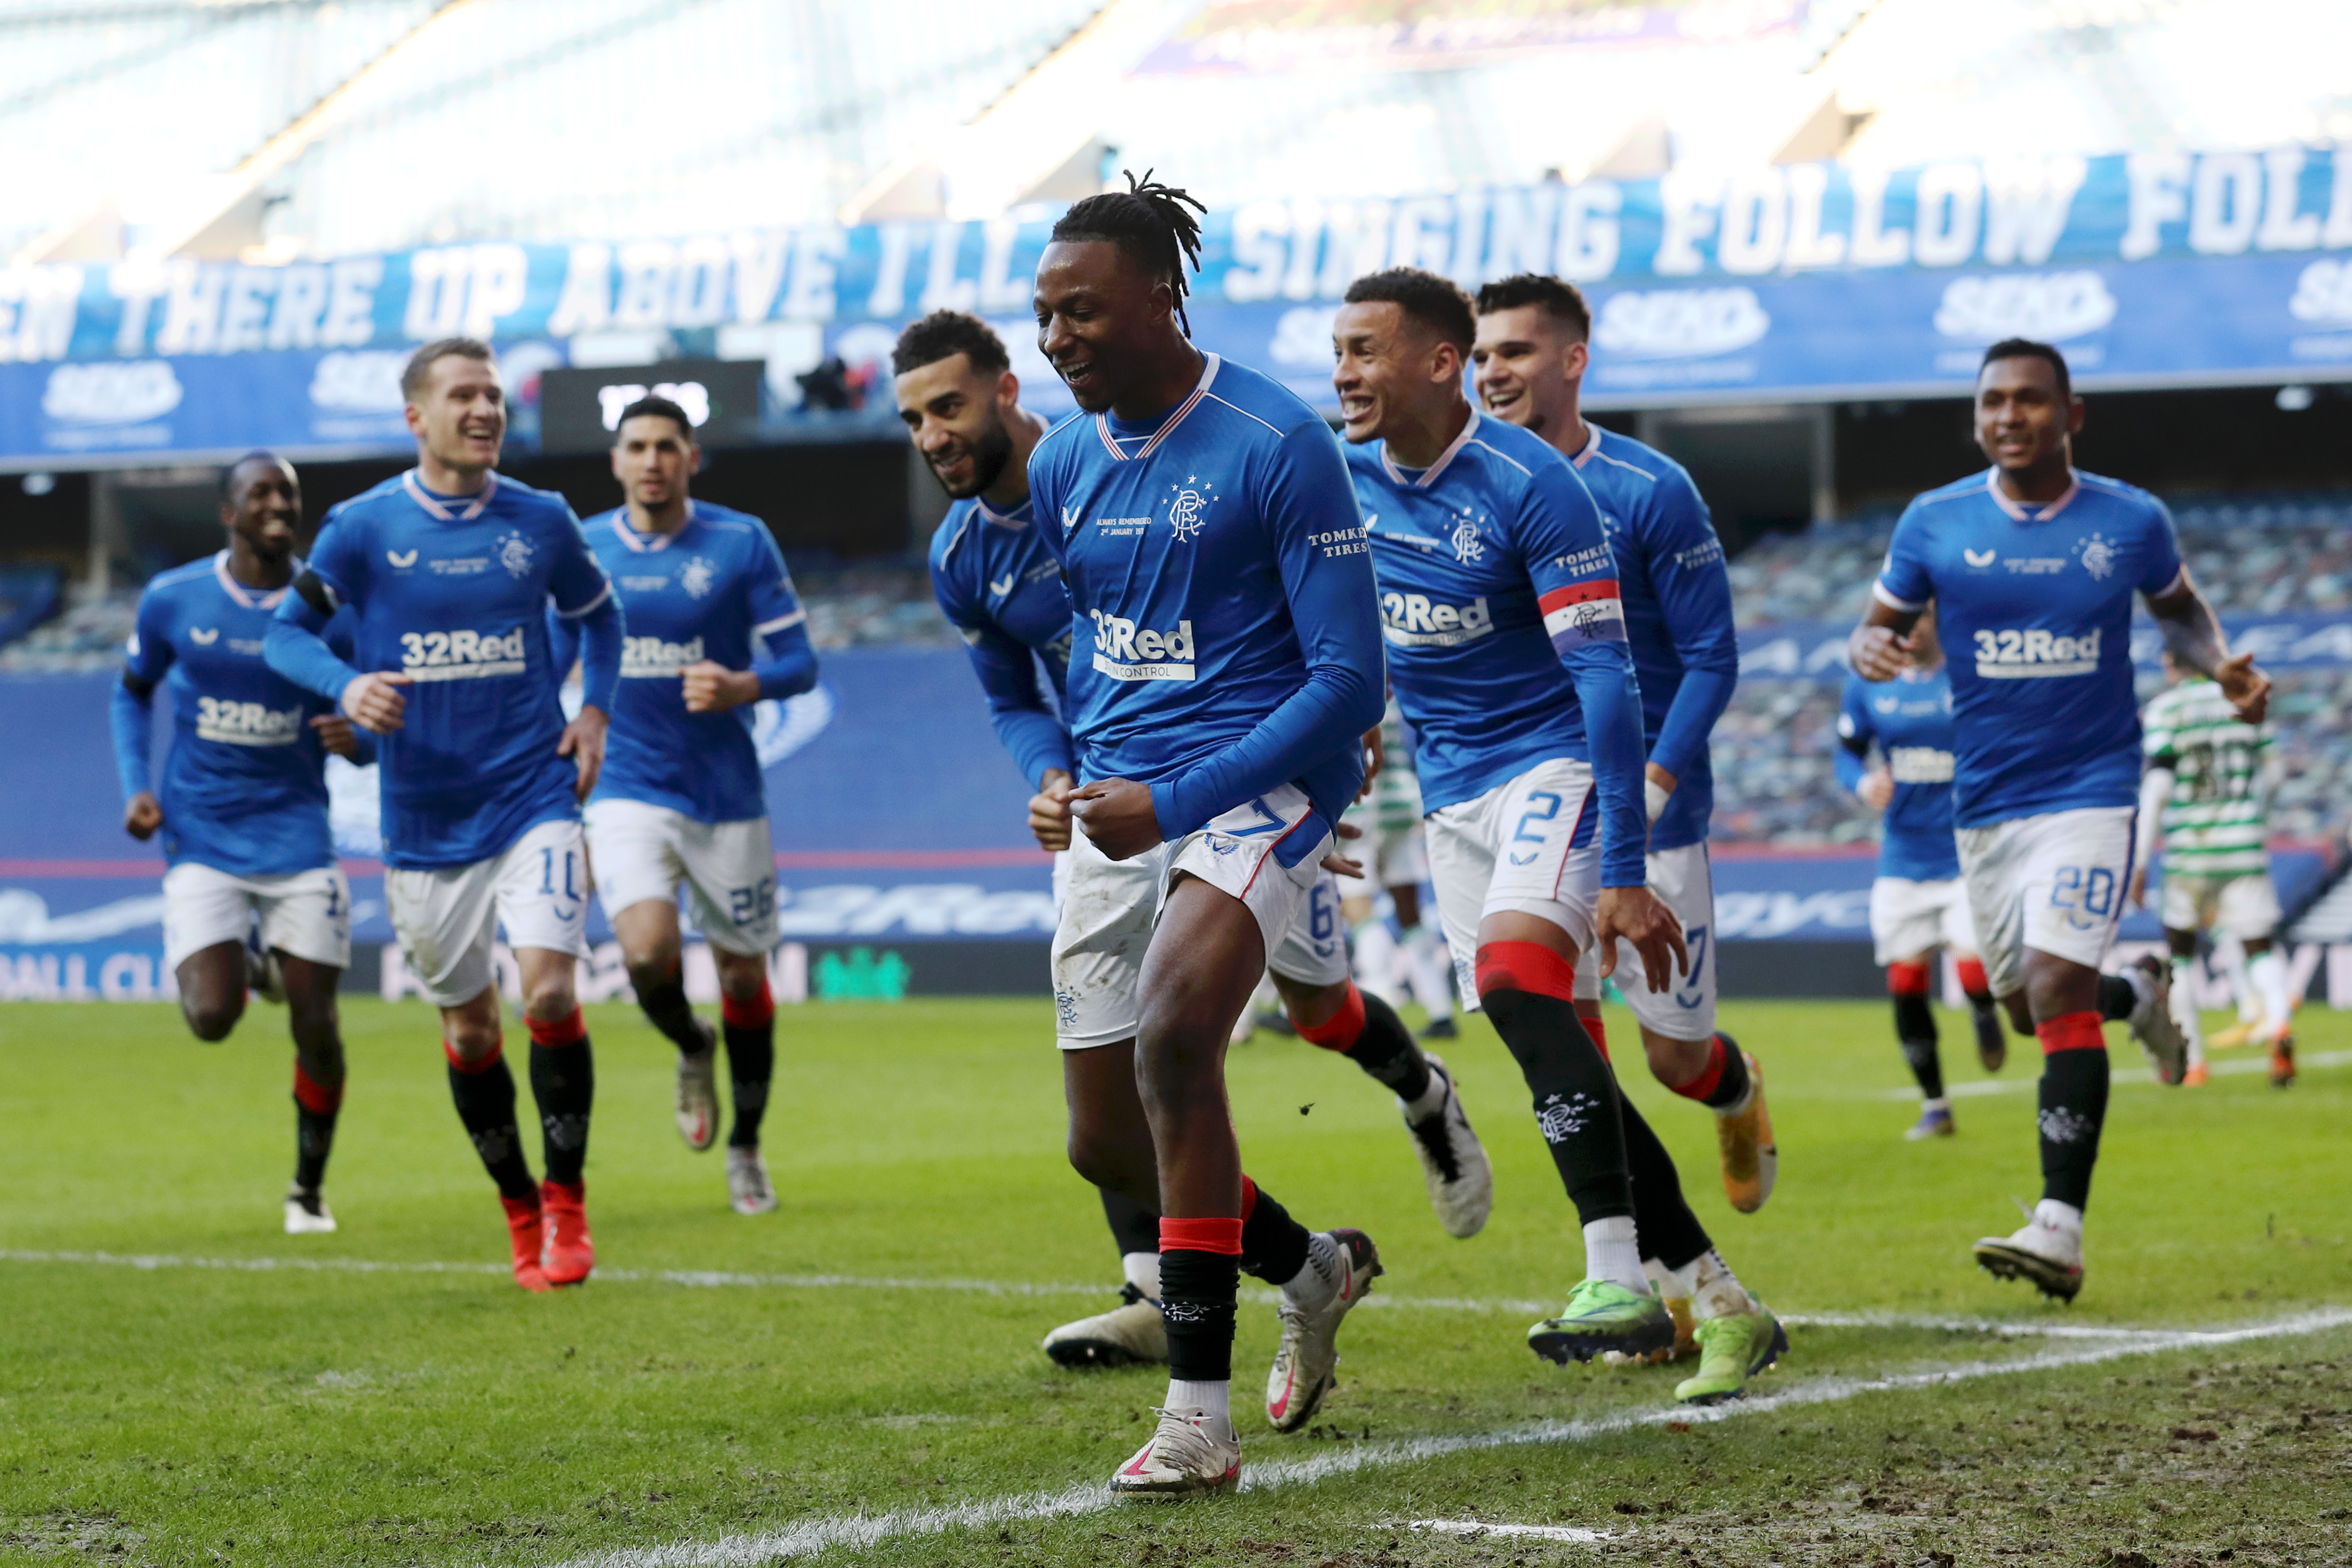 """<p style=""""text-align: justify;"""">I Rangers Glasgow hanno battuto i rivali del Celtic&nbsp;nello storico Old Firm, allungando ulteriormente in vetta alla classifica di Scottish Premiership. La disfatta degli uomini di Lennon all&#39;Ibrox Stadium si consuma in meno di dieci minuti: prima l&#39;espulsione di Bitton (62&#39;), poi l&#39;autogol di McGregor (70&#39;). Steven Gerrard vola a quota 62 punti e resta imbattuto in campionato (20 vittorie e 2 pareggi): ora sono 19 i punti di vantaggio sui rivali cittadini (che per&ograve; hanno 3 partite in meno), quando mancano ancora 11 gare alla fine. L&#39;ex capitano del Liverpool &egrave; sempre pi&ugrave; vicino a interrompere l&#39;egemonia del Celtic, che dura ormai da 9 anni. Come quella della Juventus in Italia.<br /><br />"""